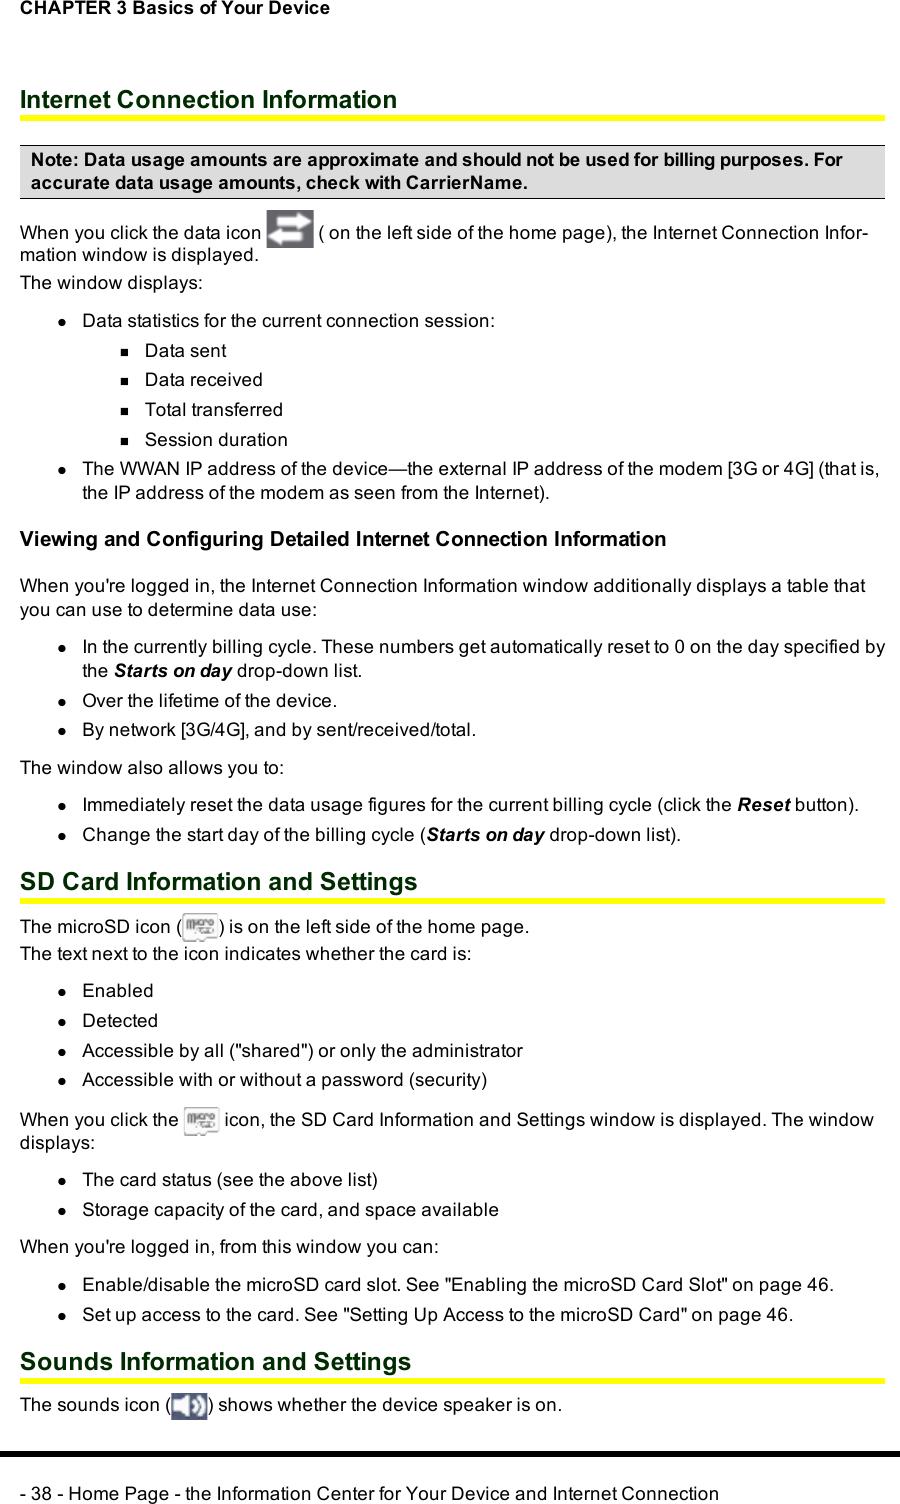 Sierra Wireless MHS801 WiMAX + WiFi Router User Manual User